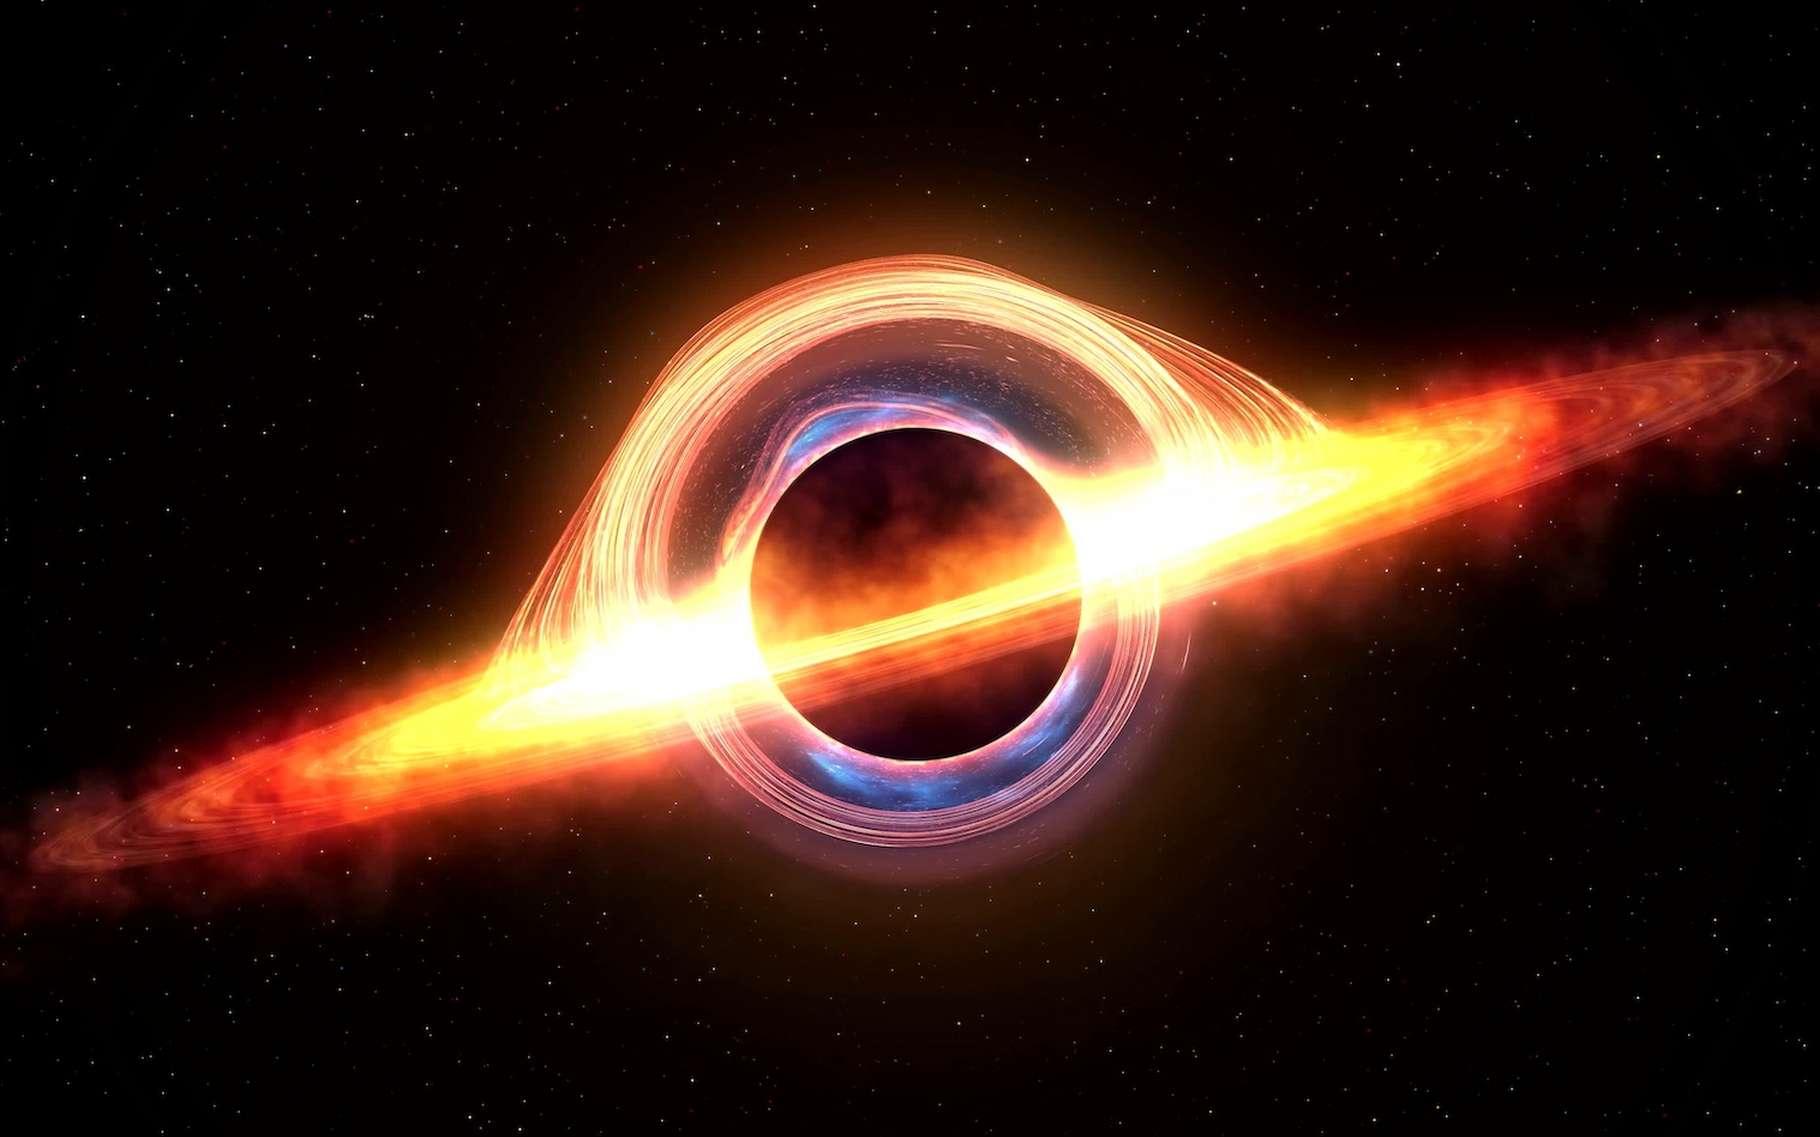 Les trous noirs en rotation sont de potentielles sources d'énergie pour le futur de l'humanité, imaginent des chercheurs de l'université de Columbia (États-Unis). © inlimit3D, Adobe Stock